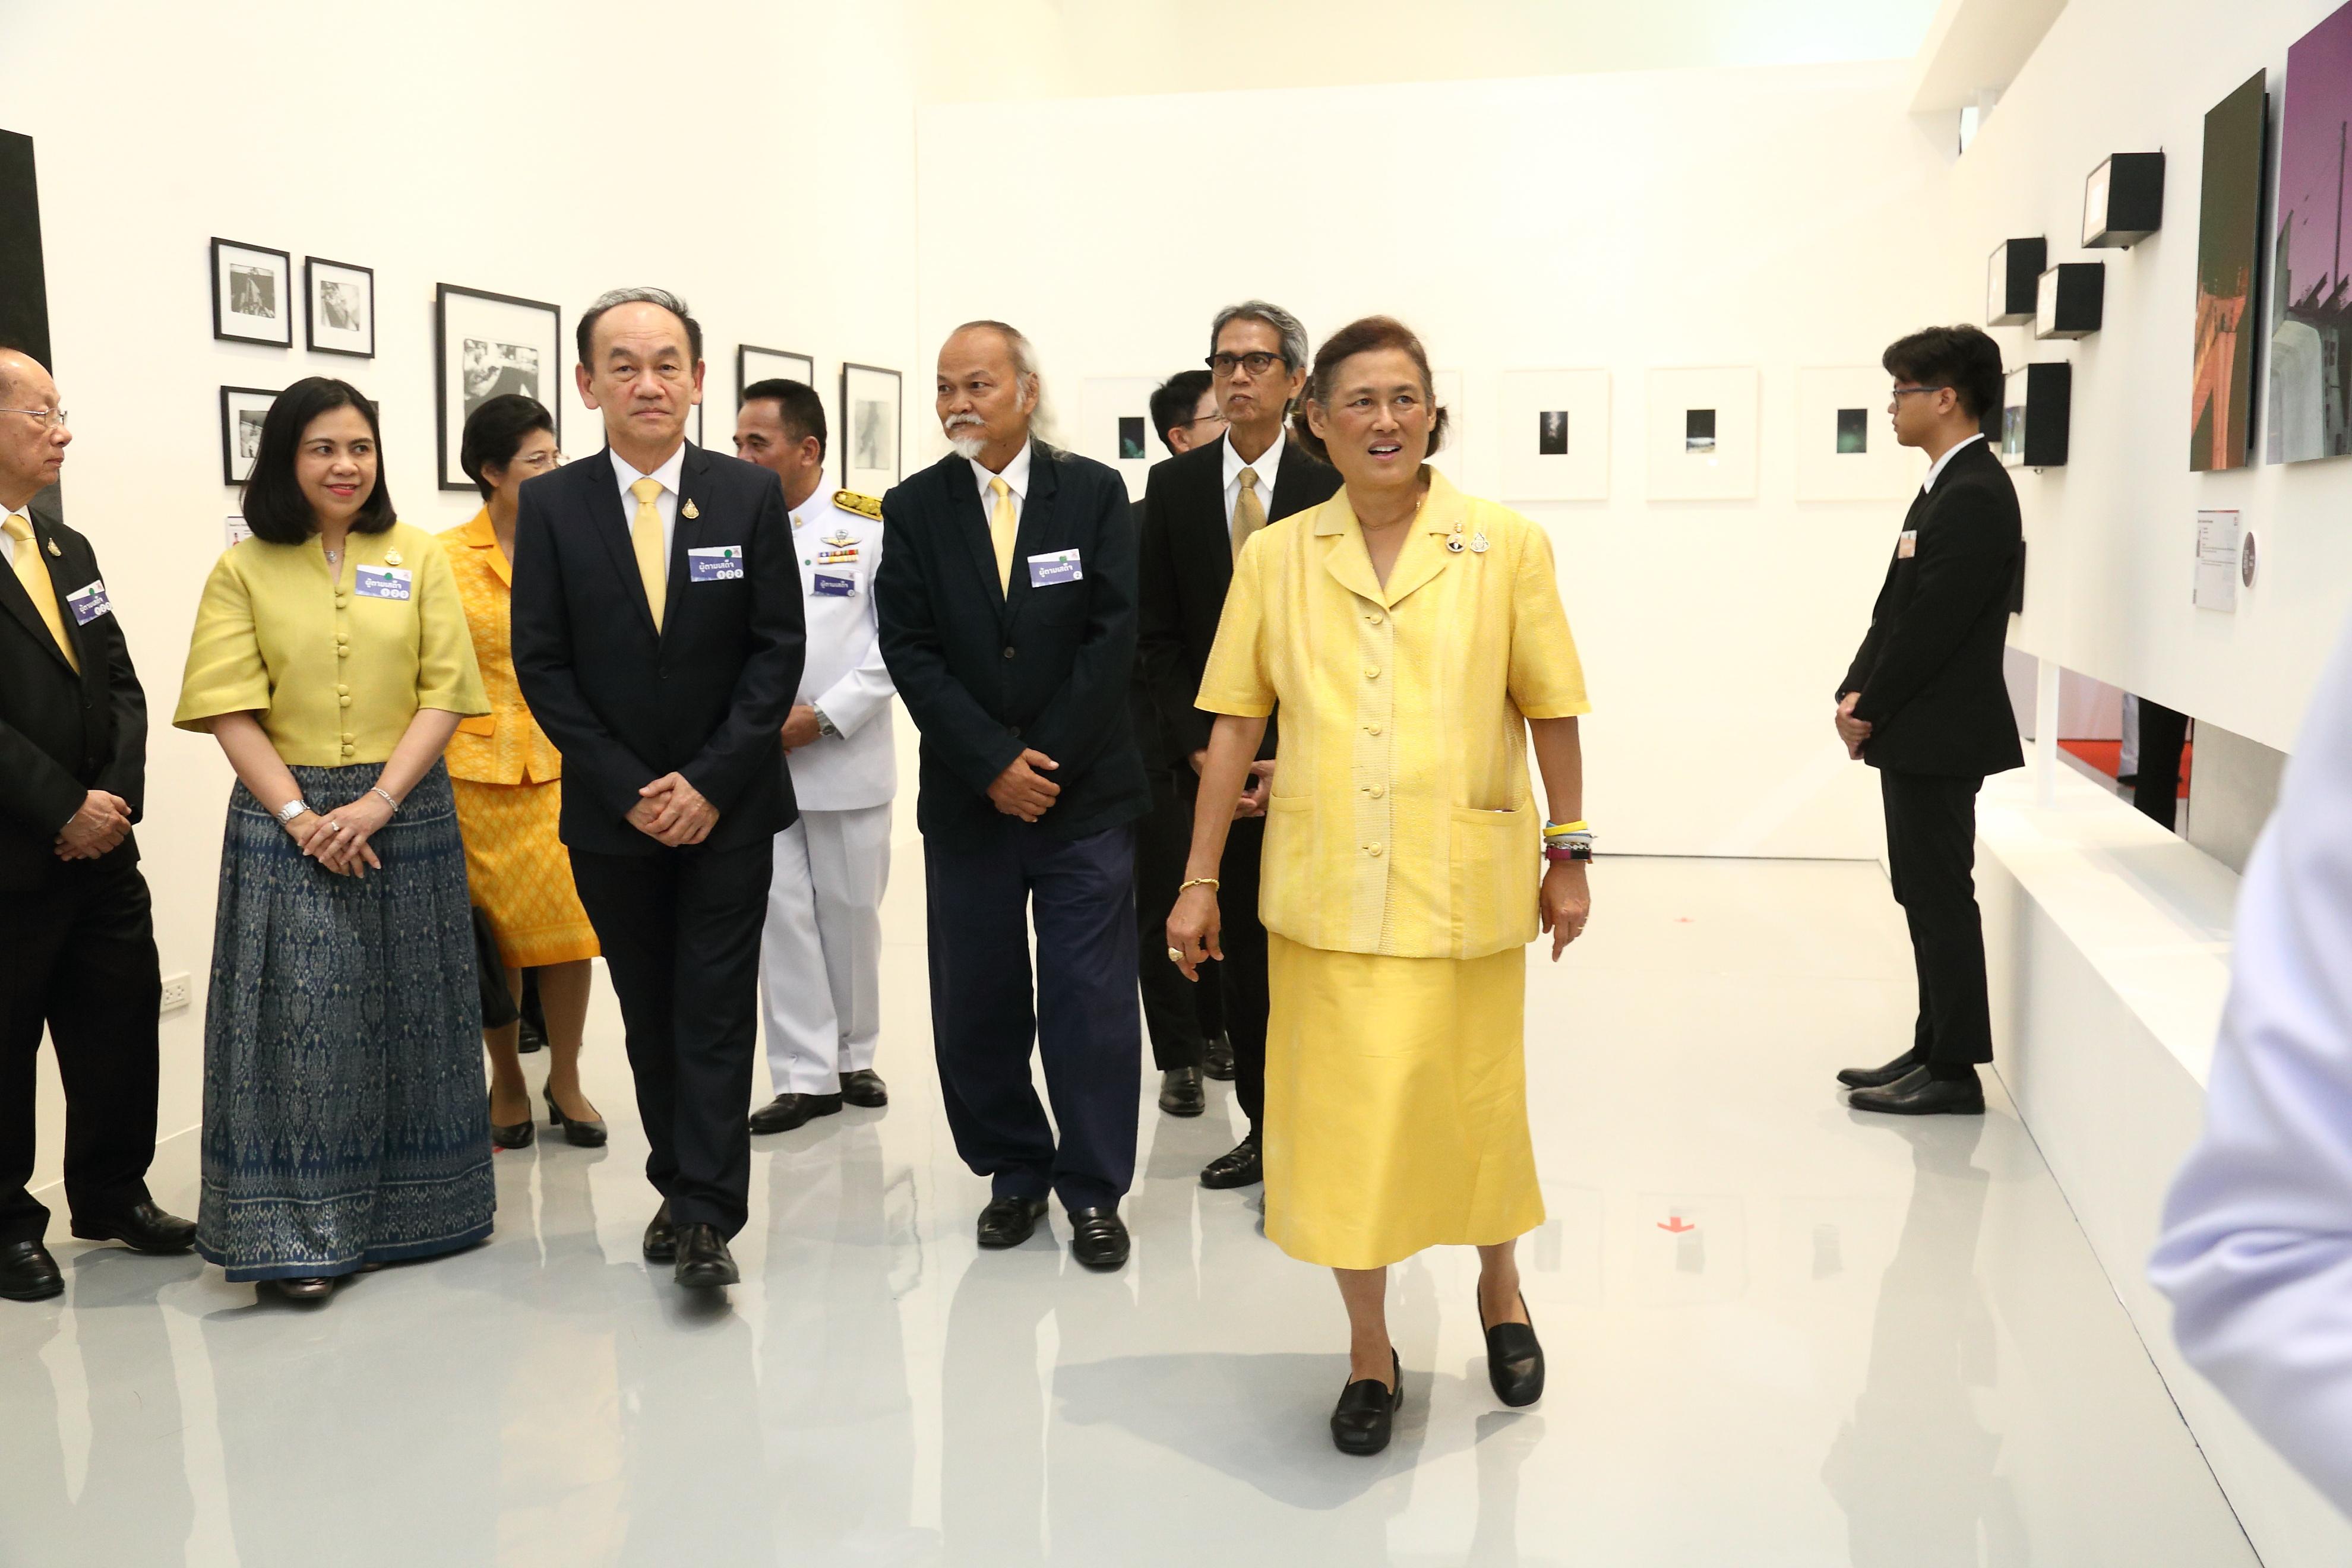 """สมเด็จพระกนิษฐาธิราชเจ้า กรมสมเด็จพระเทพรัตนราชสุดา ฯ  สยามบรมราชกุมารี เสด็จ ฯ พระราชทานรางวัล  และทรงเปิดนิทรรศการ """"โครงการรางวัลยุวศิลปินไทย"""" โดย มูลนิธิเอสซีจี ครั้งที่ 15 ประจำปี 2561"""